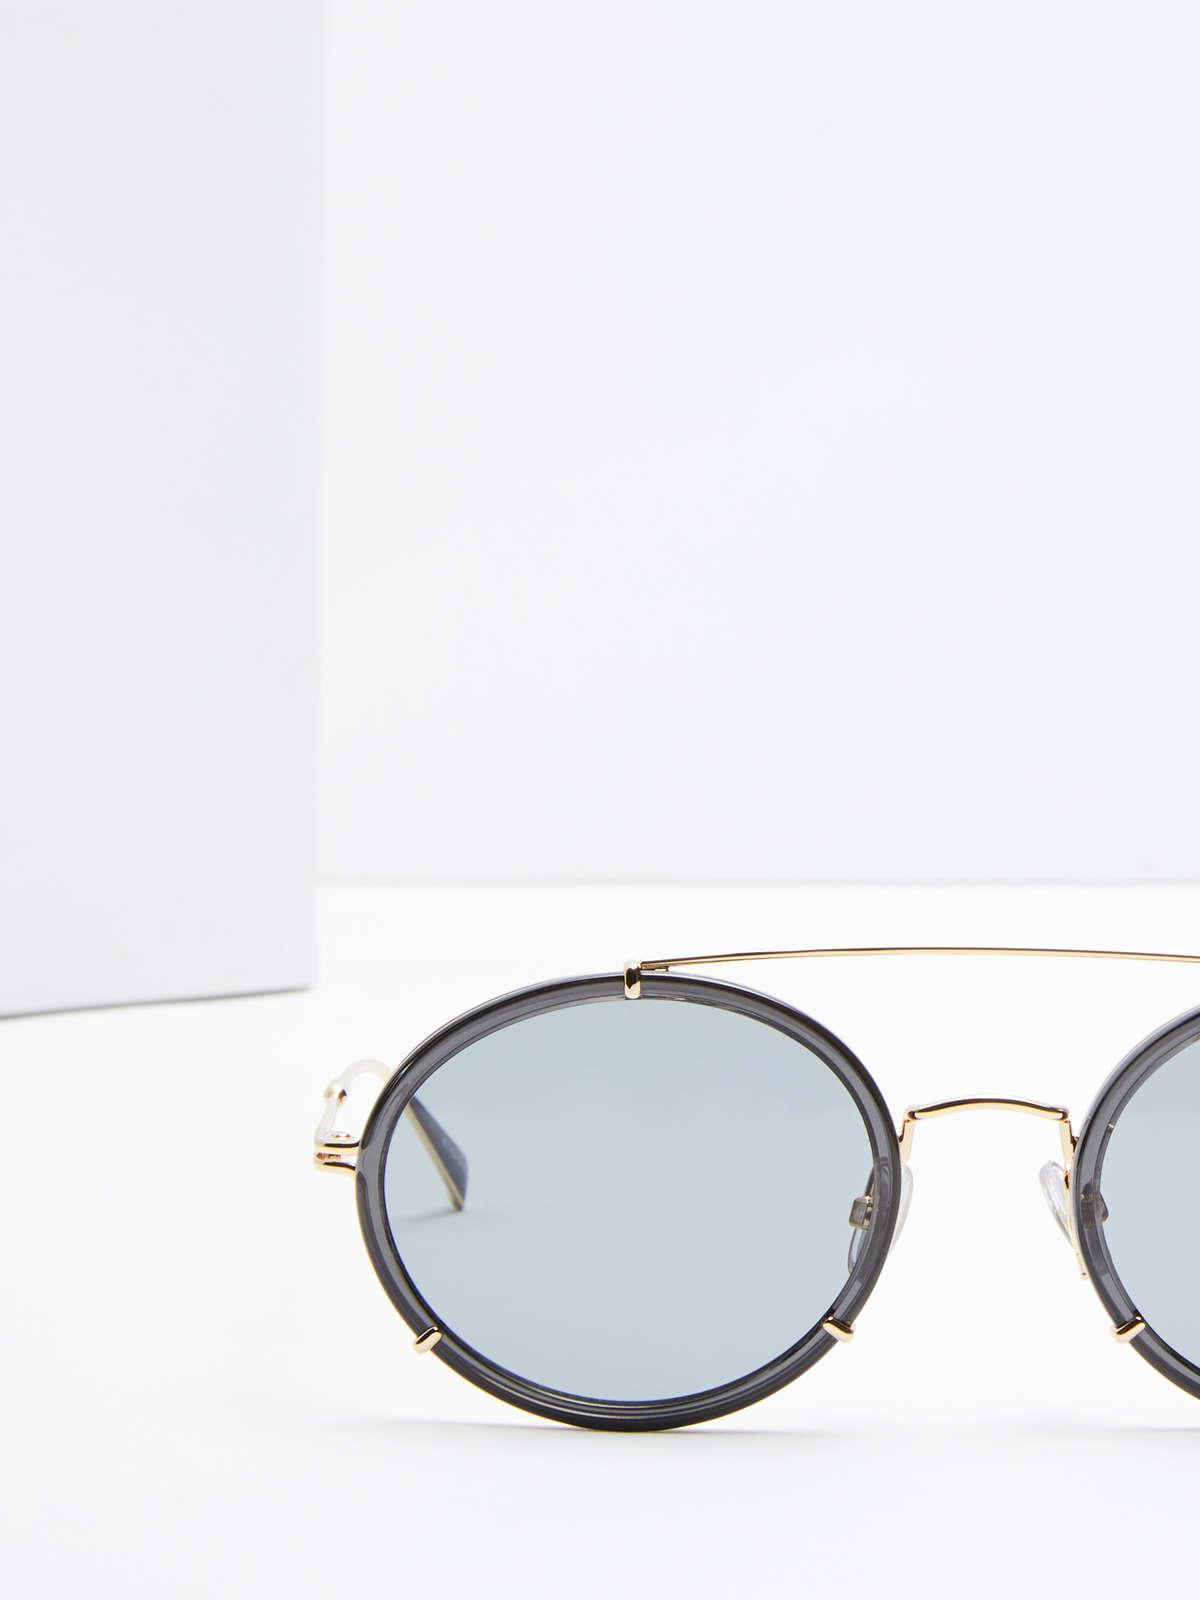 Max Mara - Schmale ovale Sonnenbrille - 4